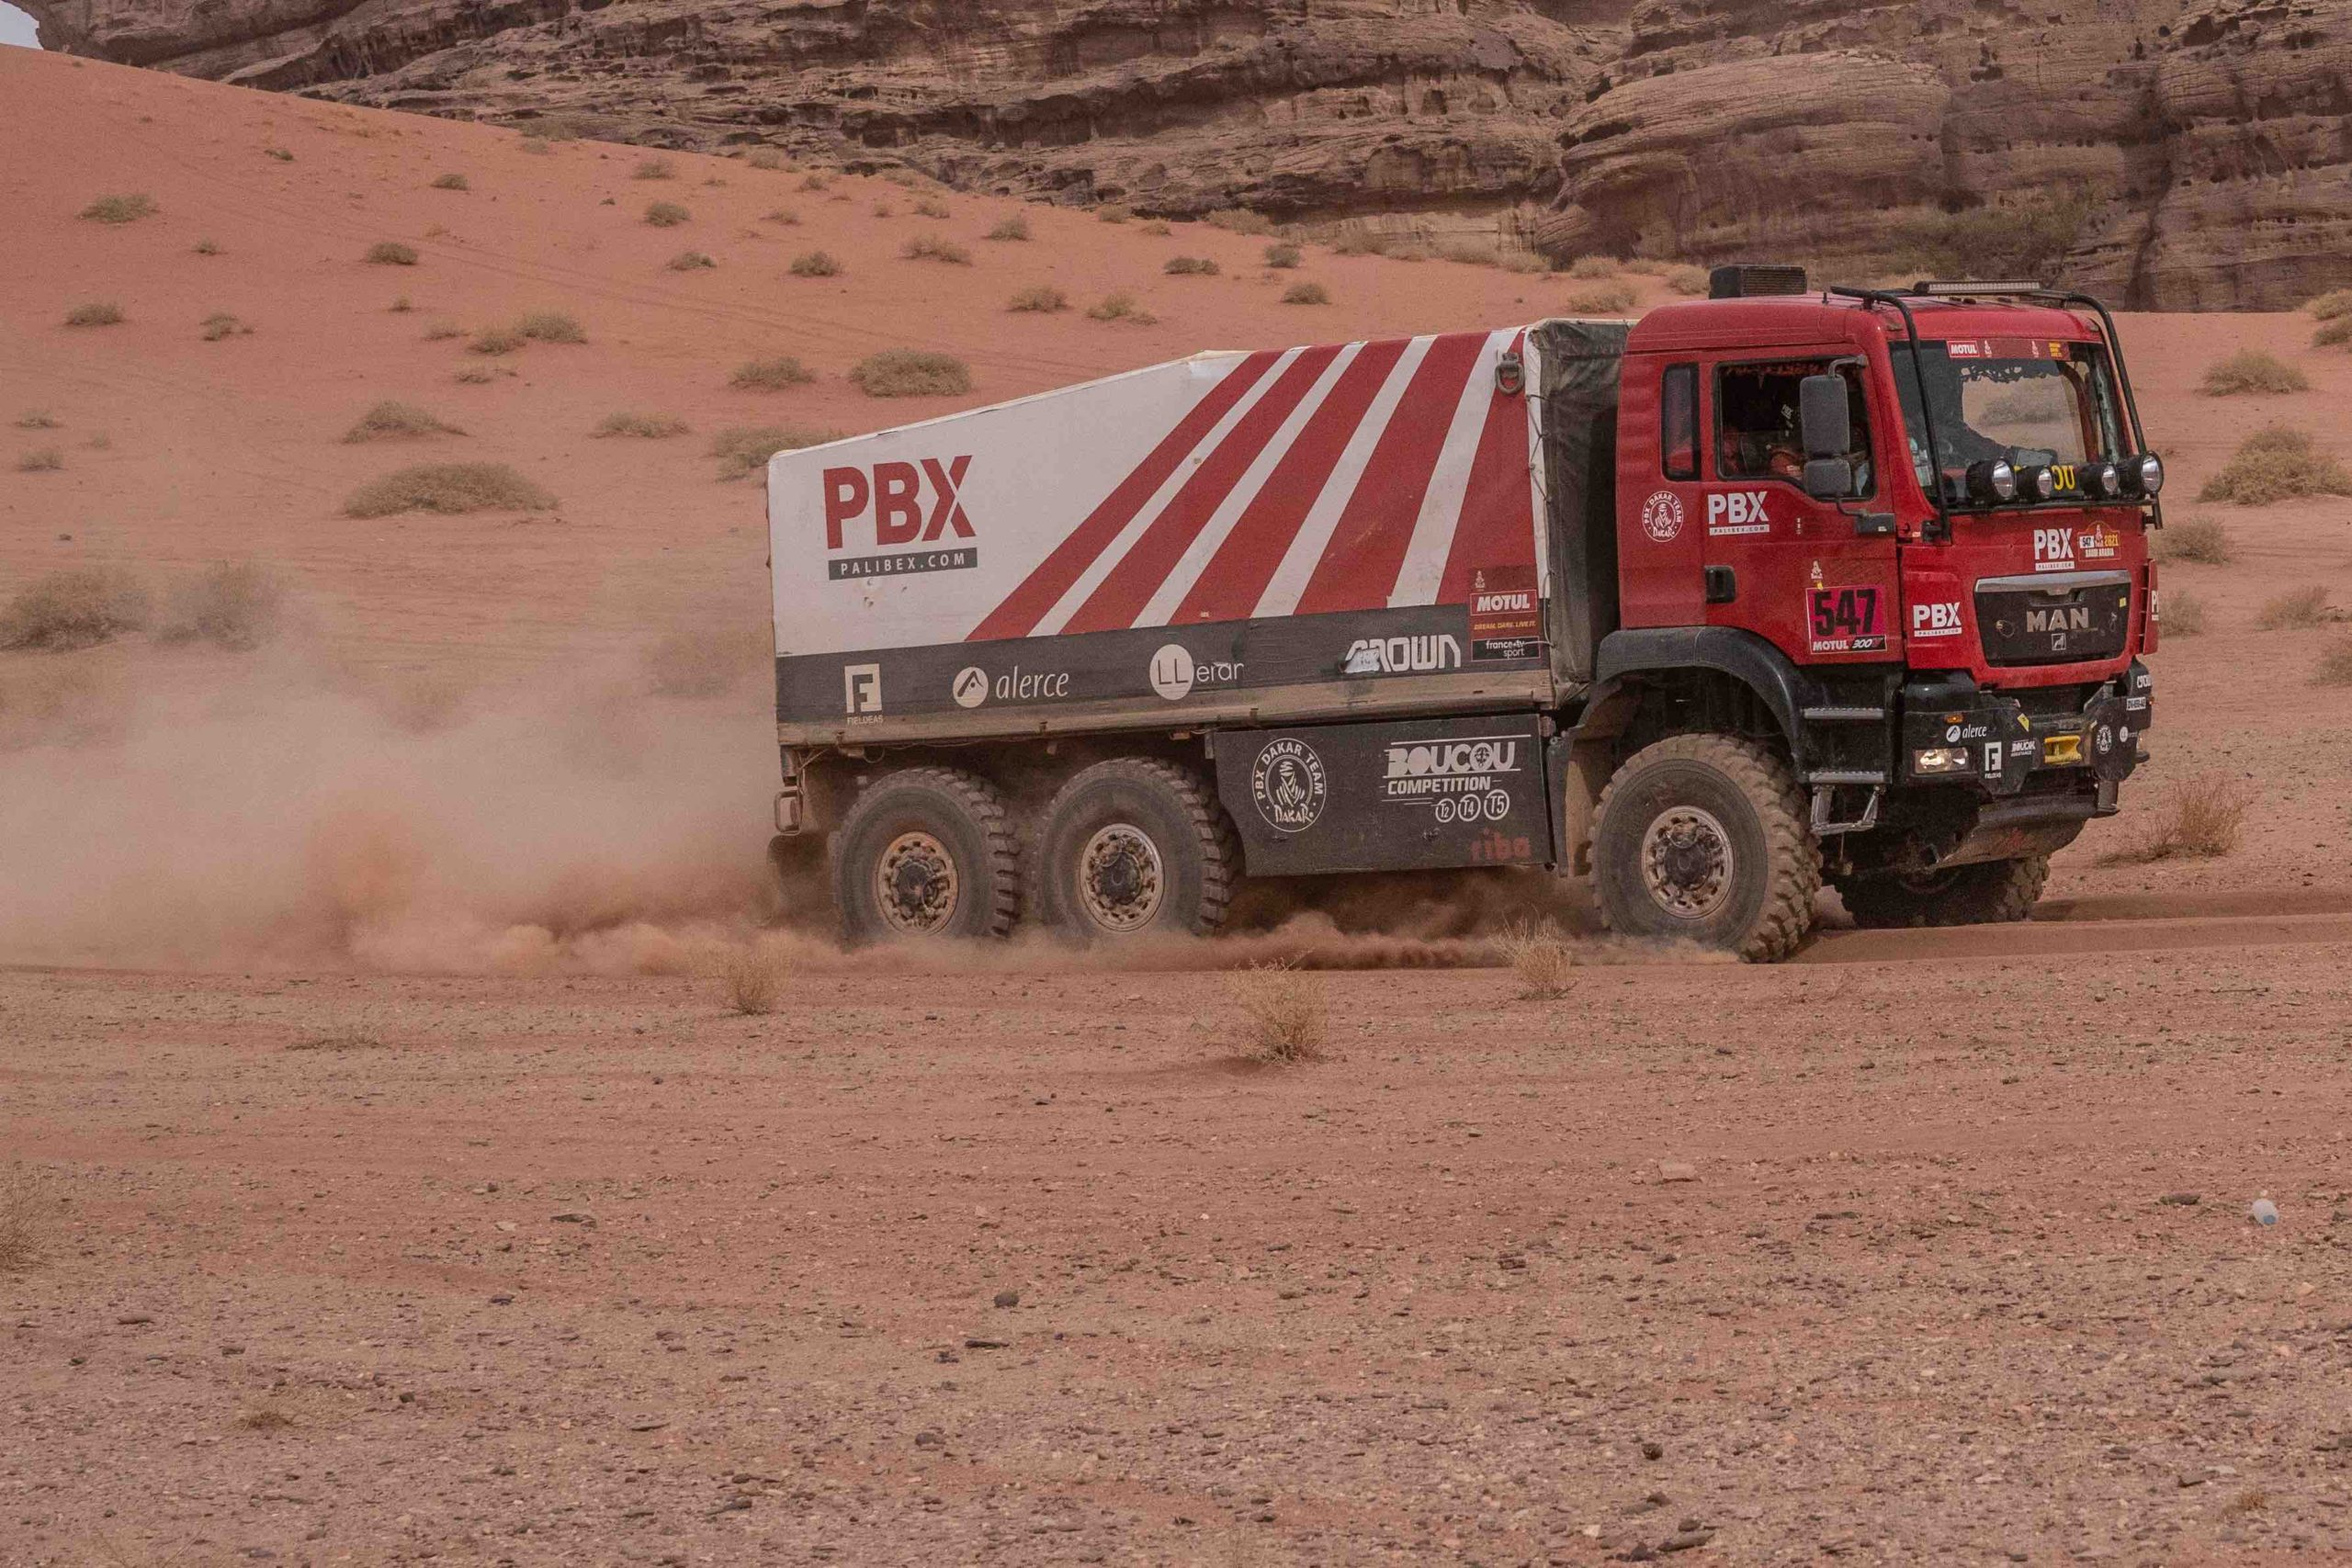 pbx dakar Team - dakar 2021 - decima etapa